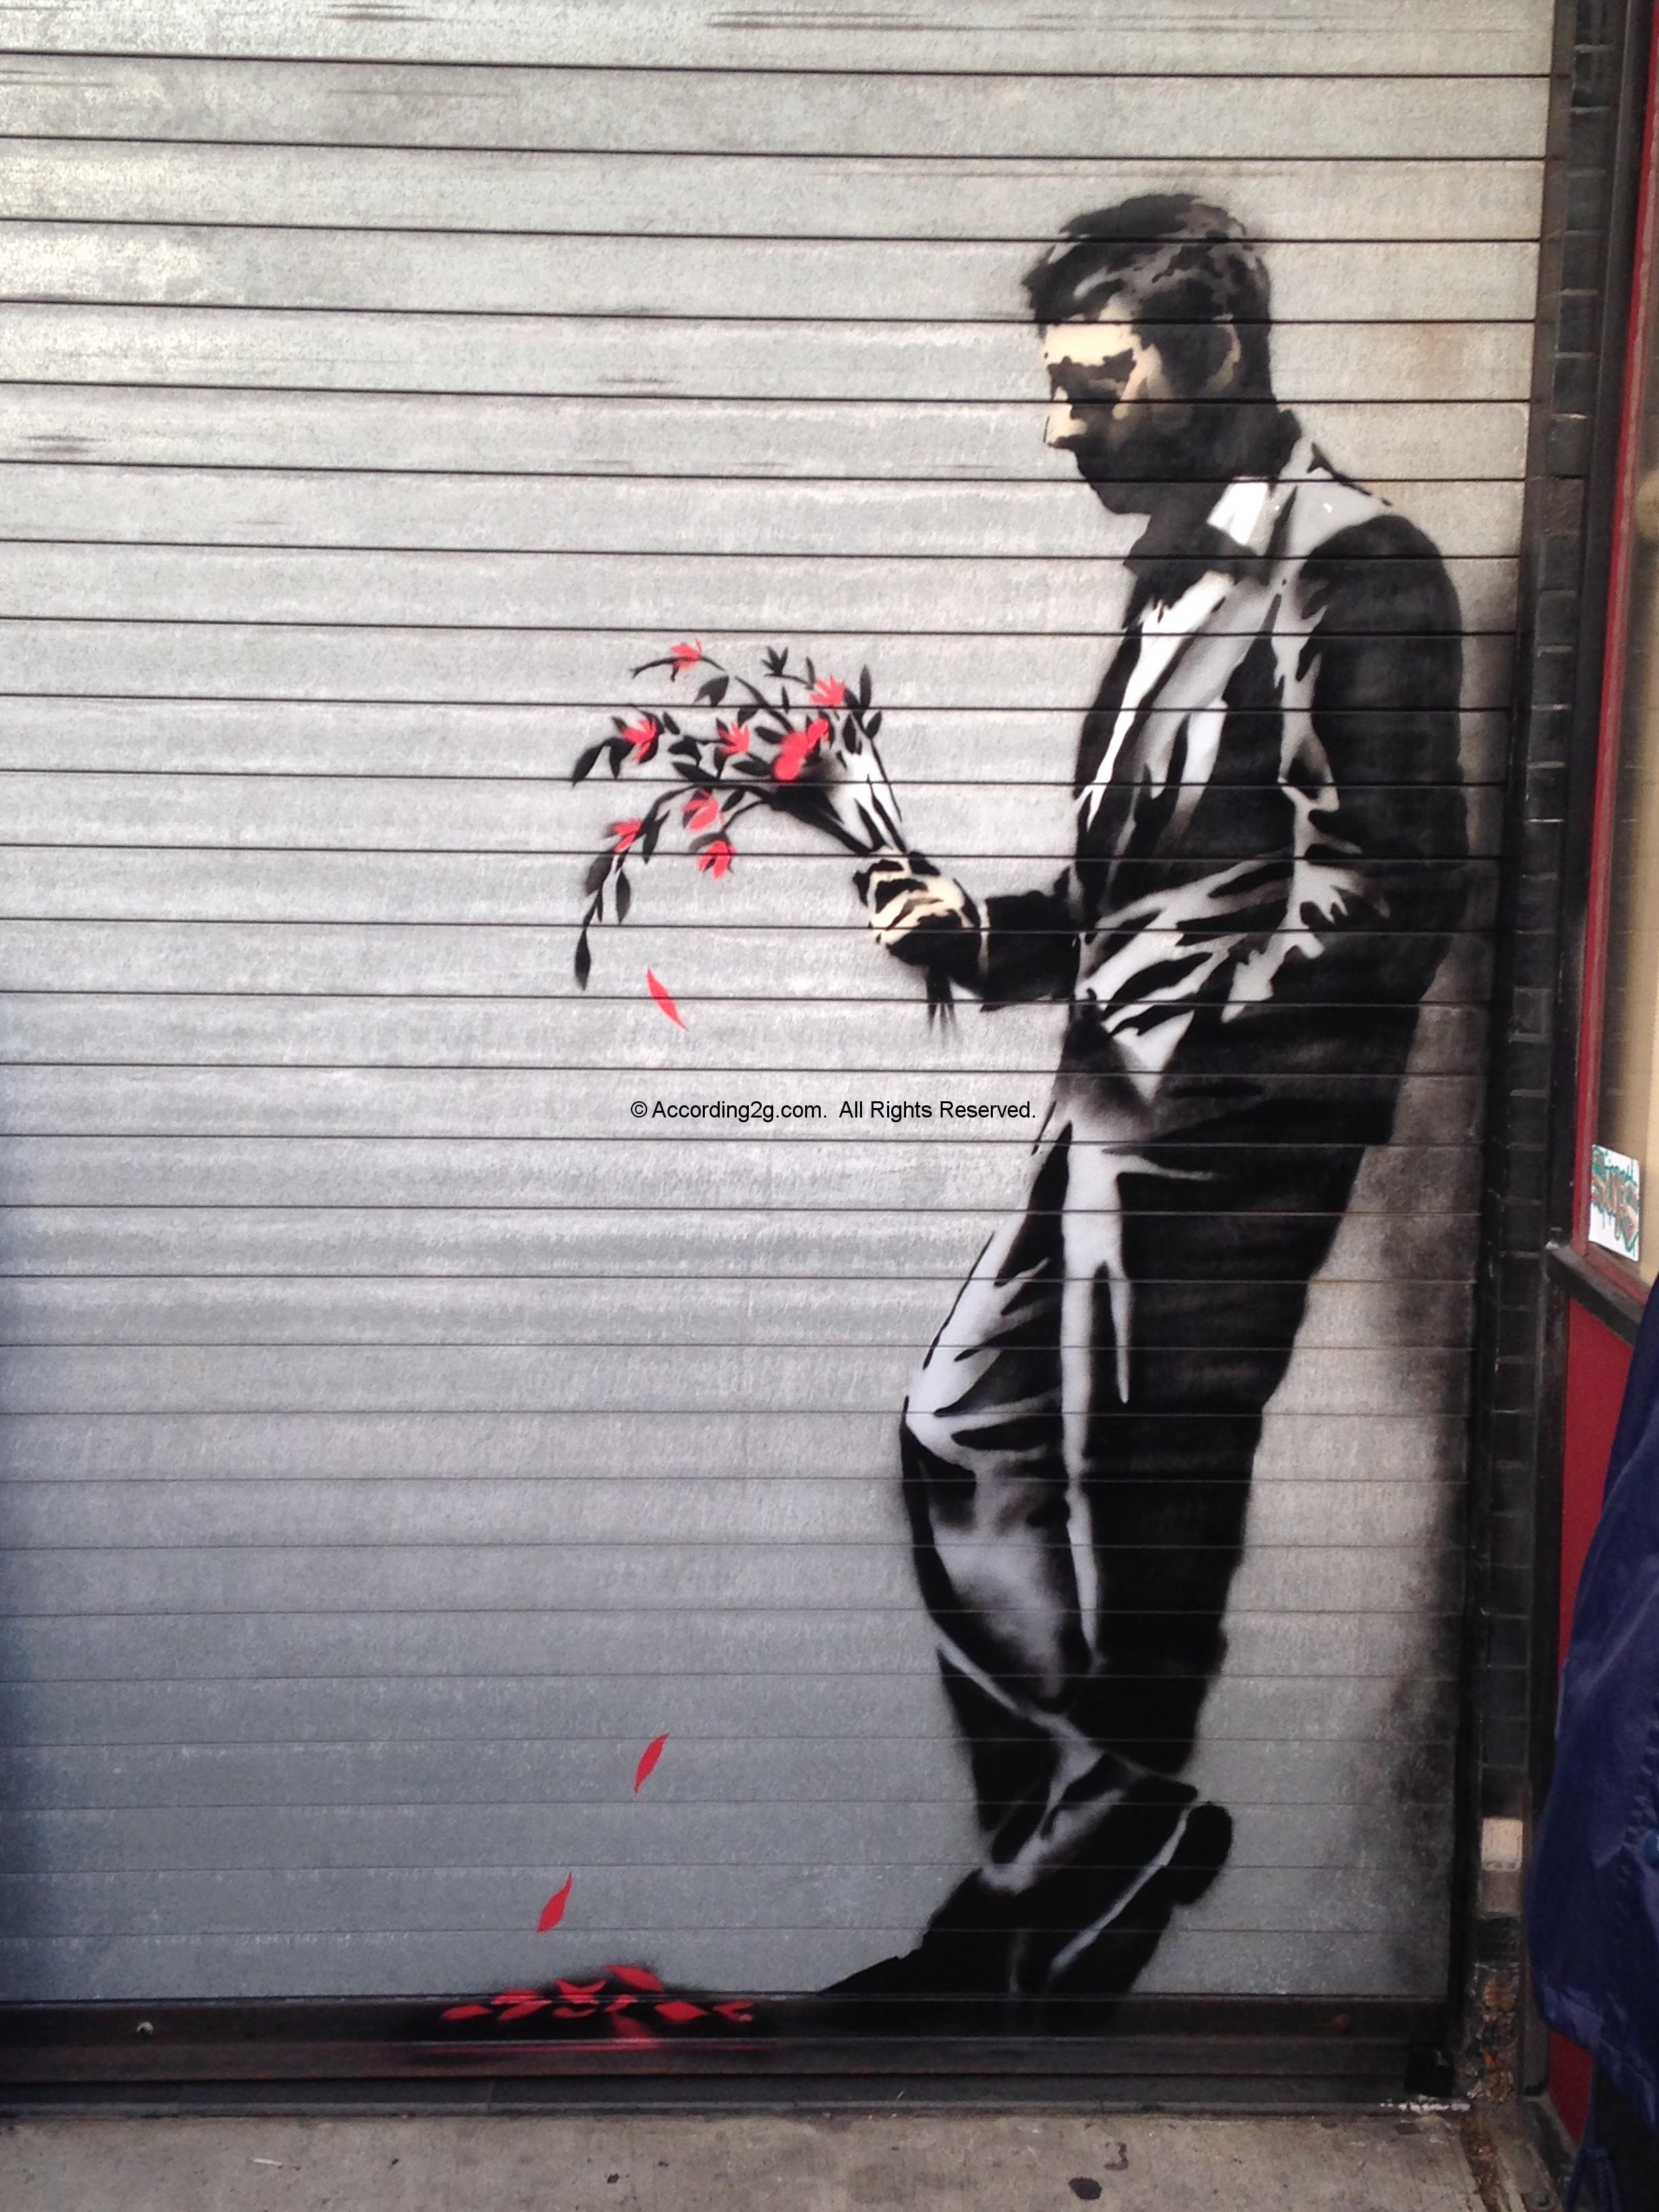 Banksy-October-24-2013.jpg